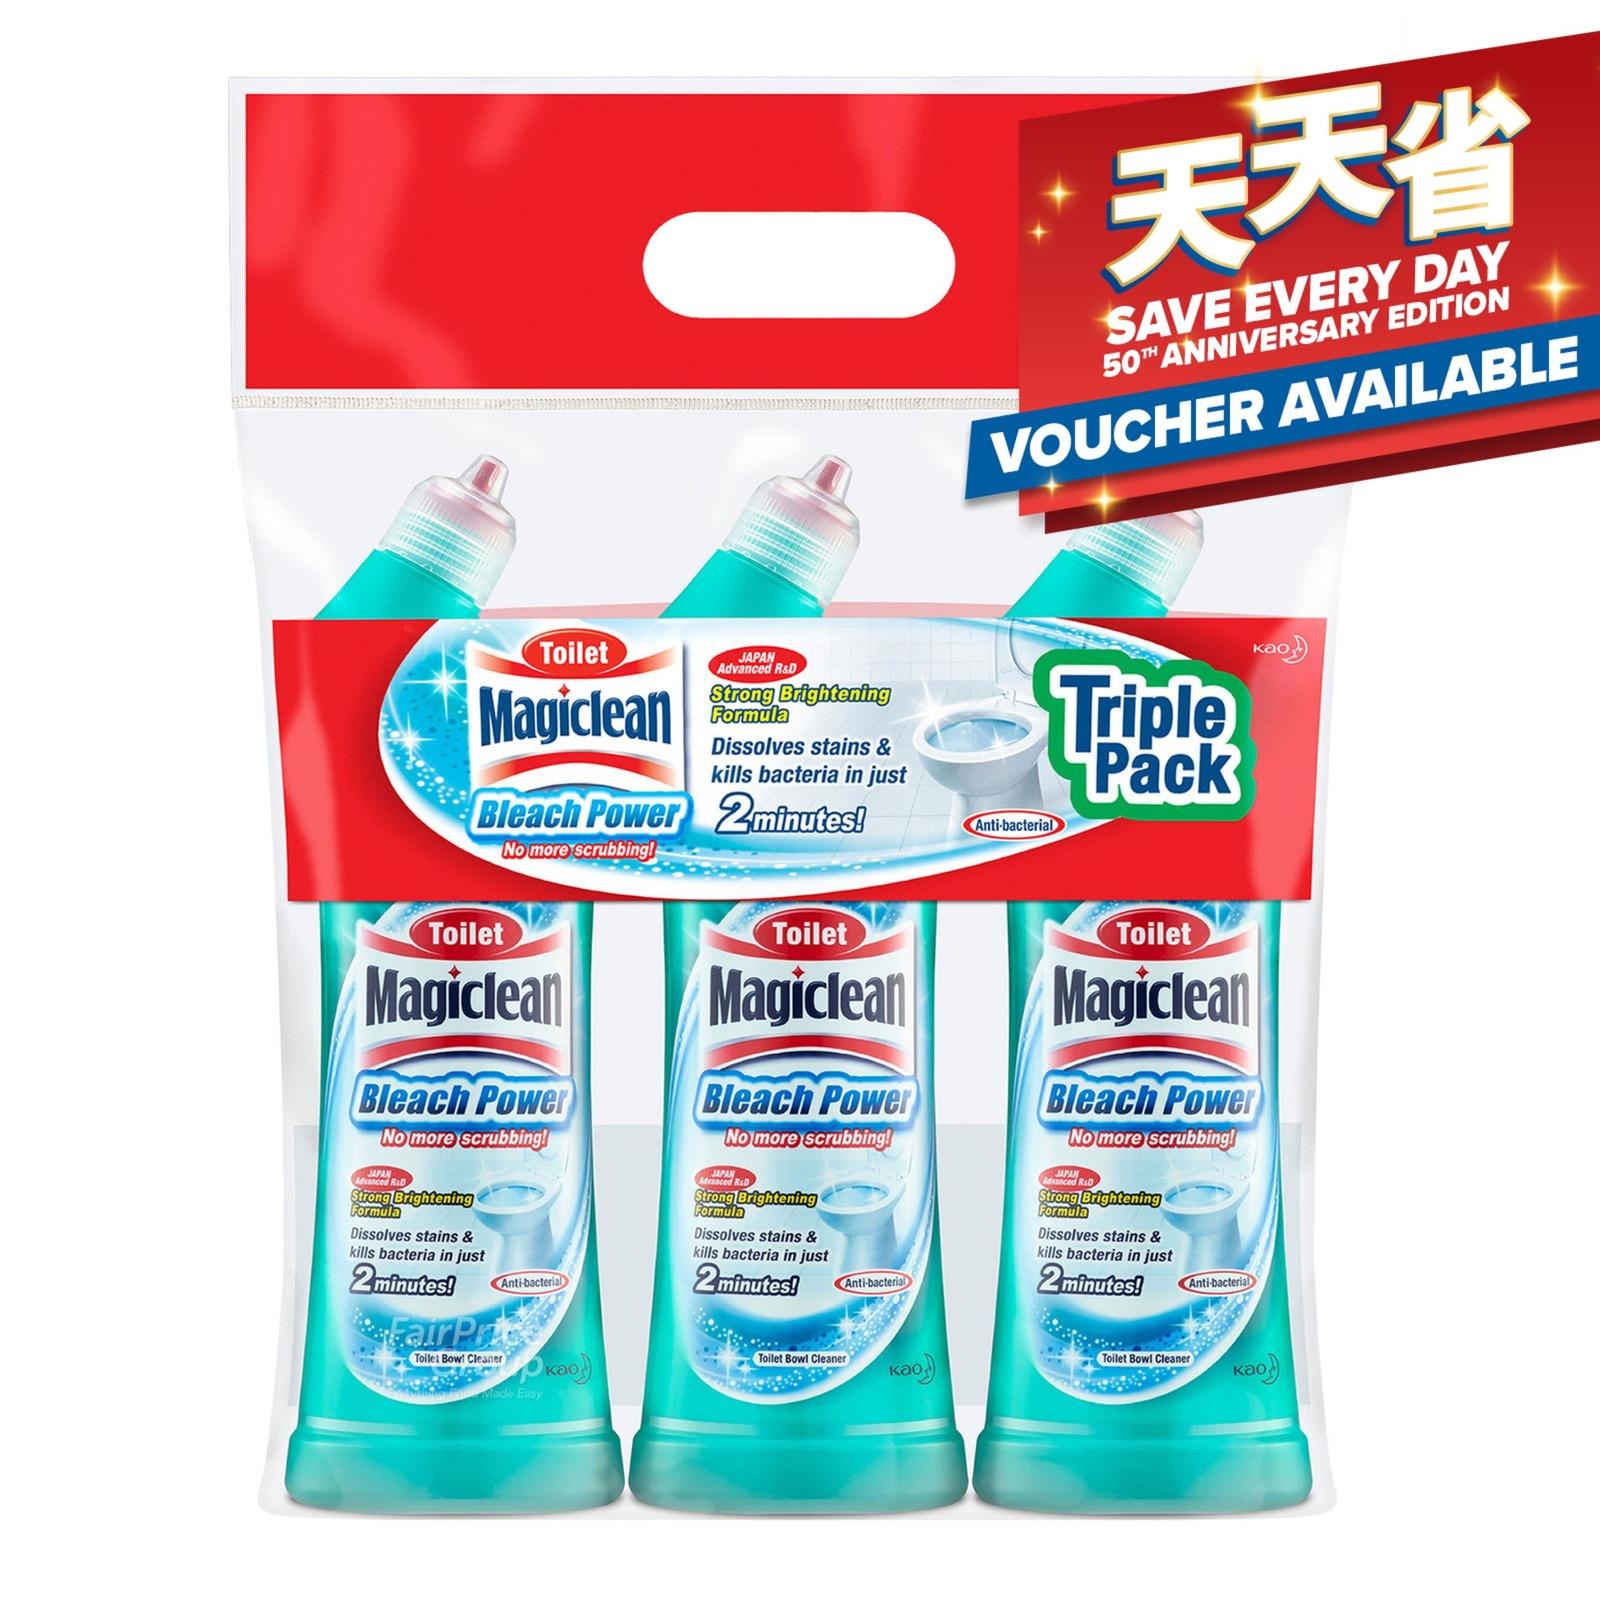 Magiclean Toilet Bleach Power Cleaner